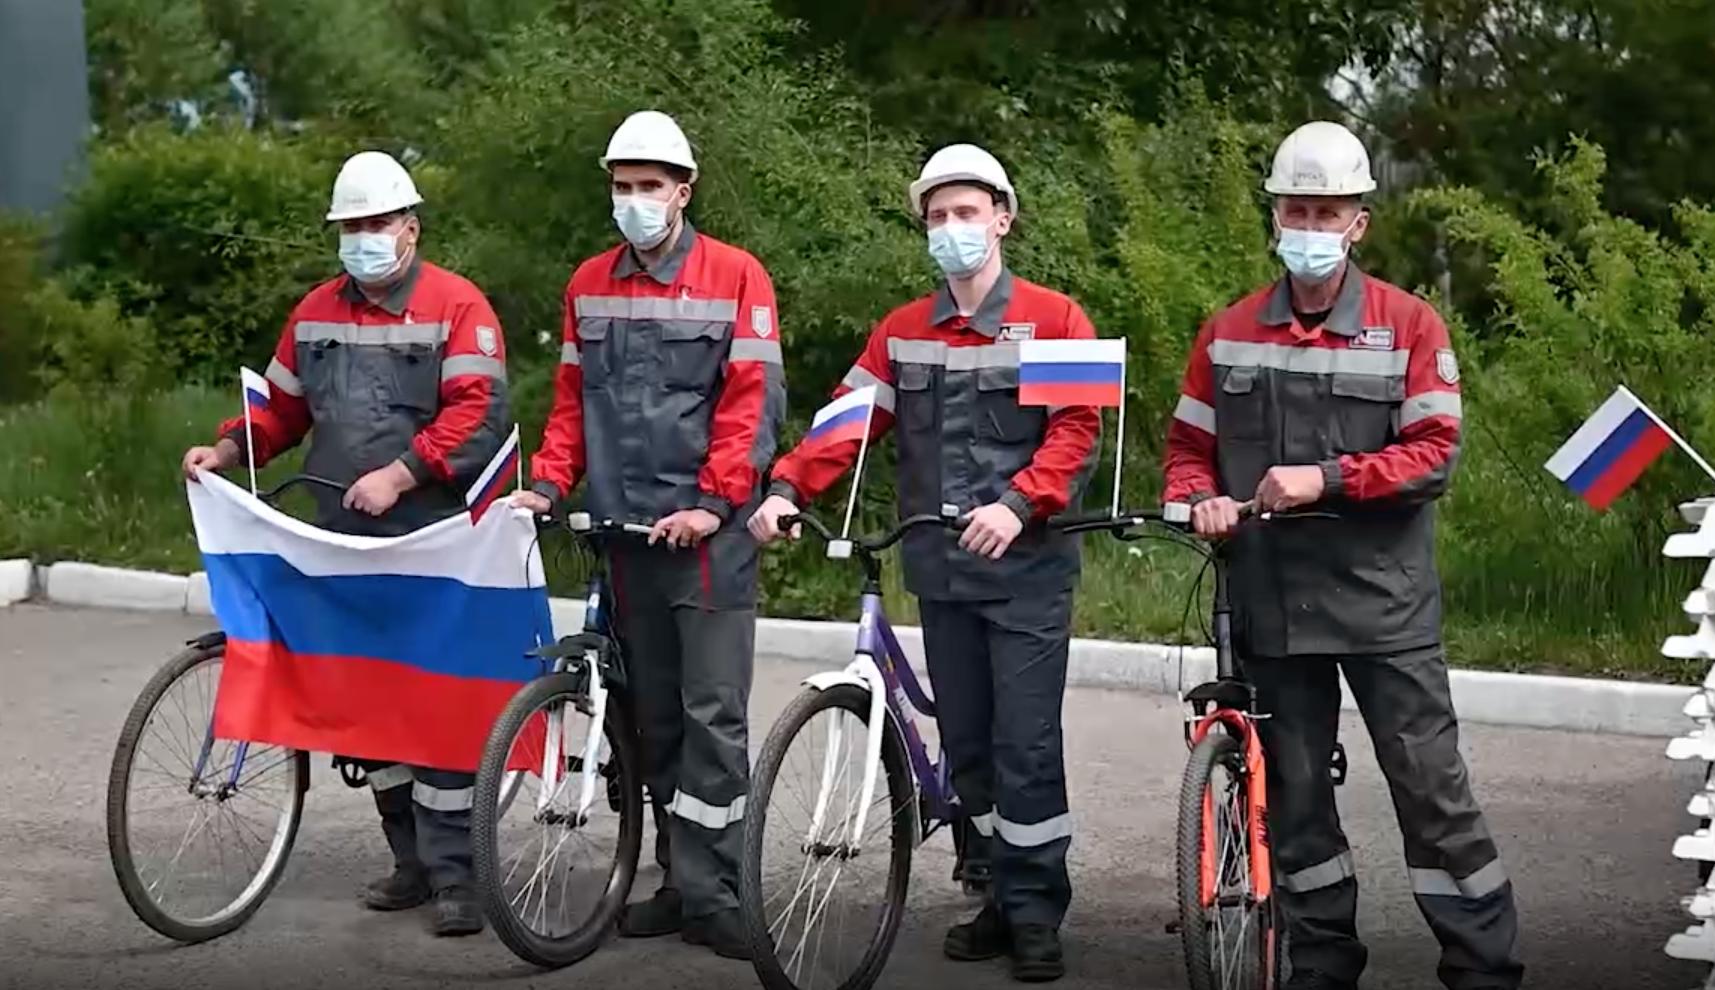 Сотрудники РУСАЛа устроили велозаезд по заводу с флагами в честь Дня России